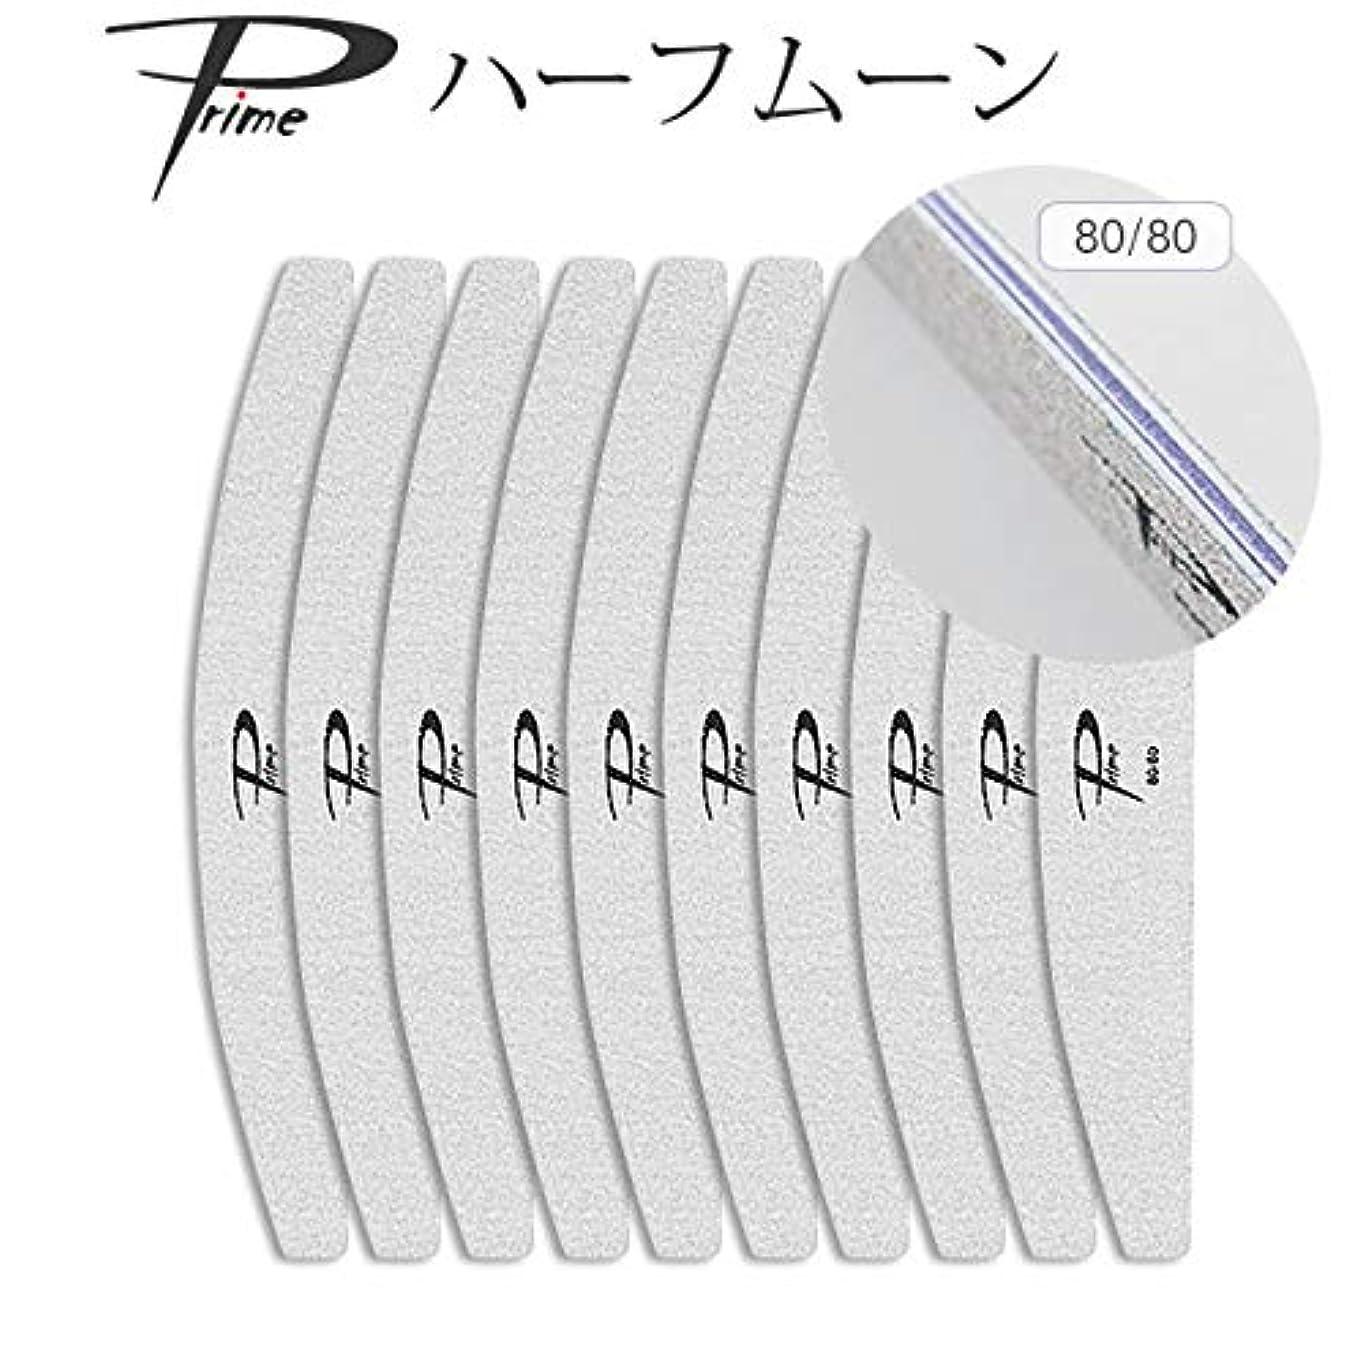 プール自殺歌手10本セット ハーフムーンファイル 80/80